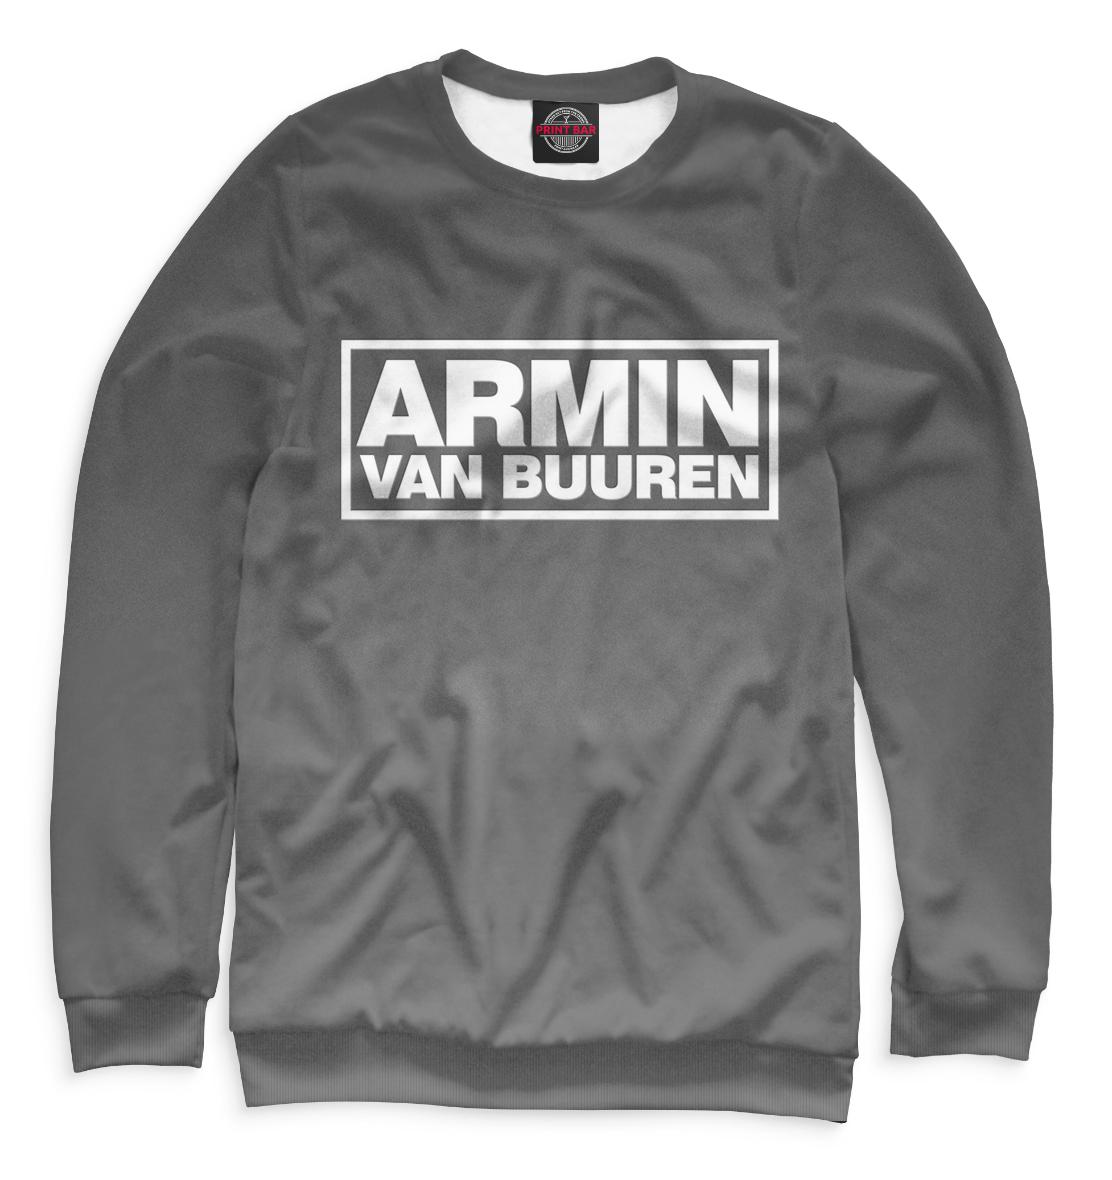 Купить Armin van Buuren, Printbar, Свитшоты, AVB-154590-swi-1